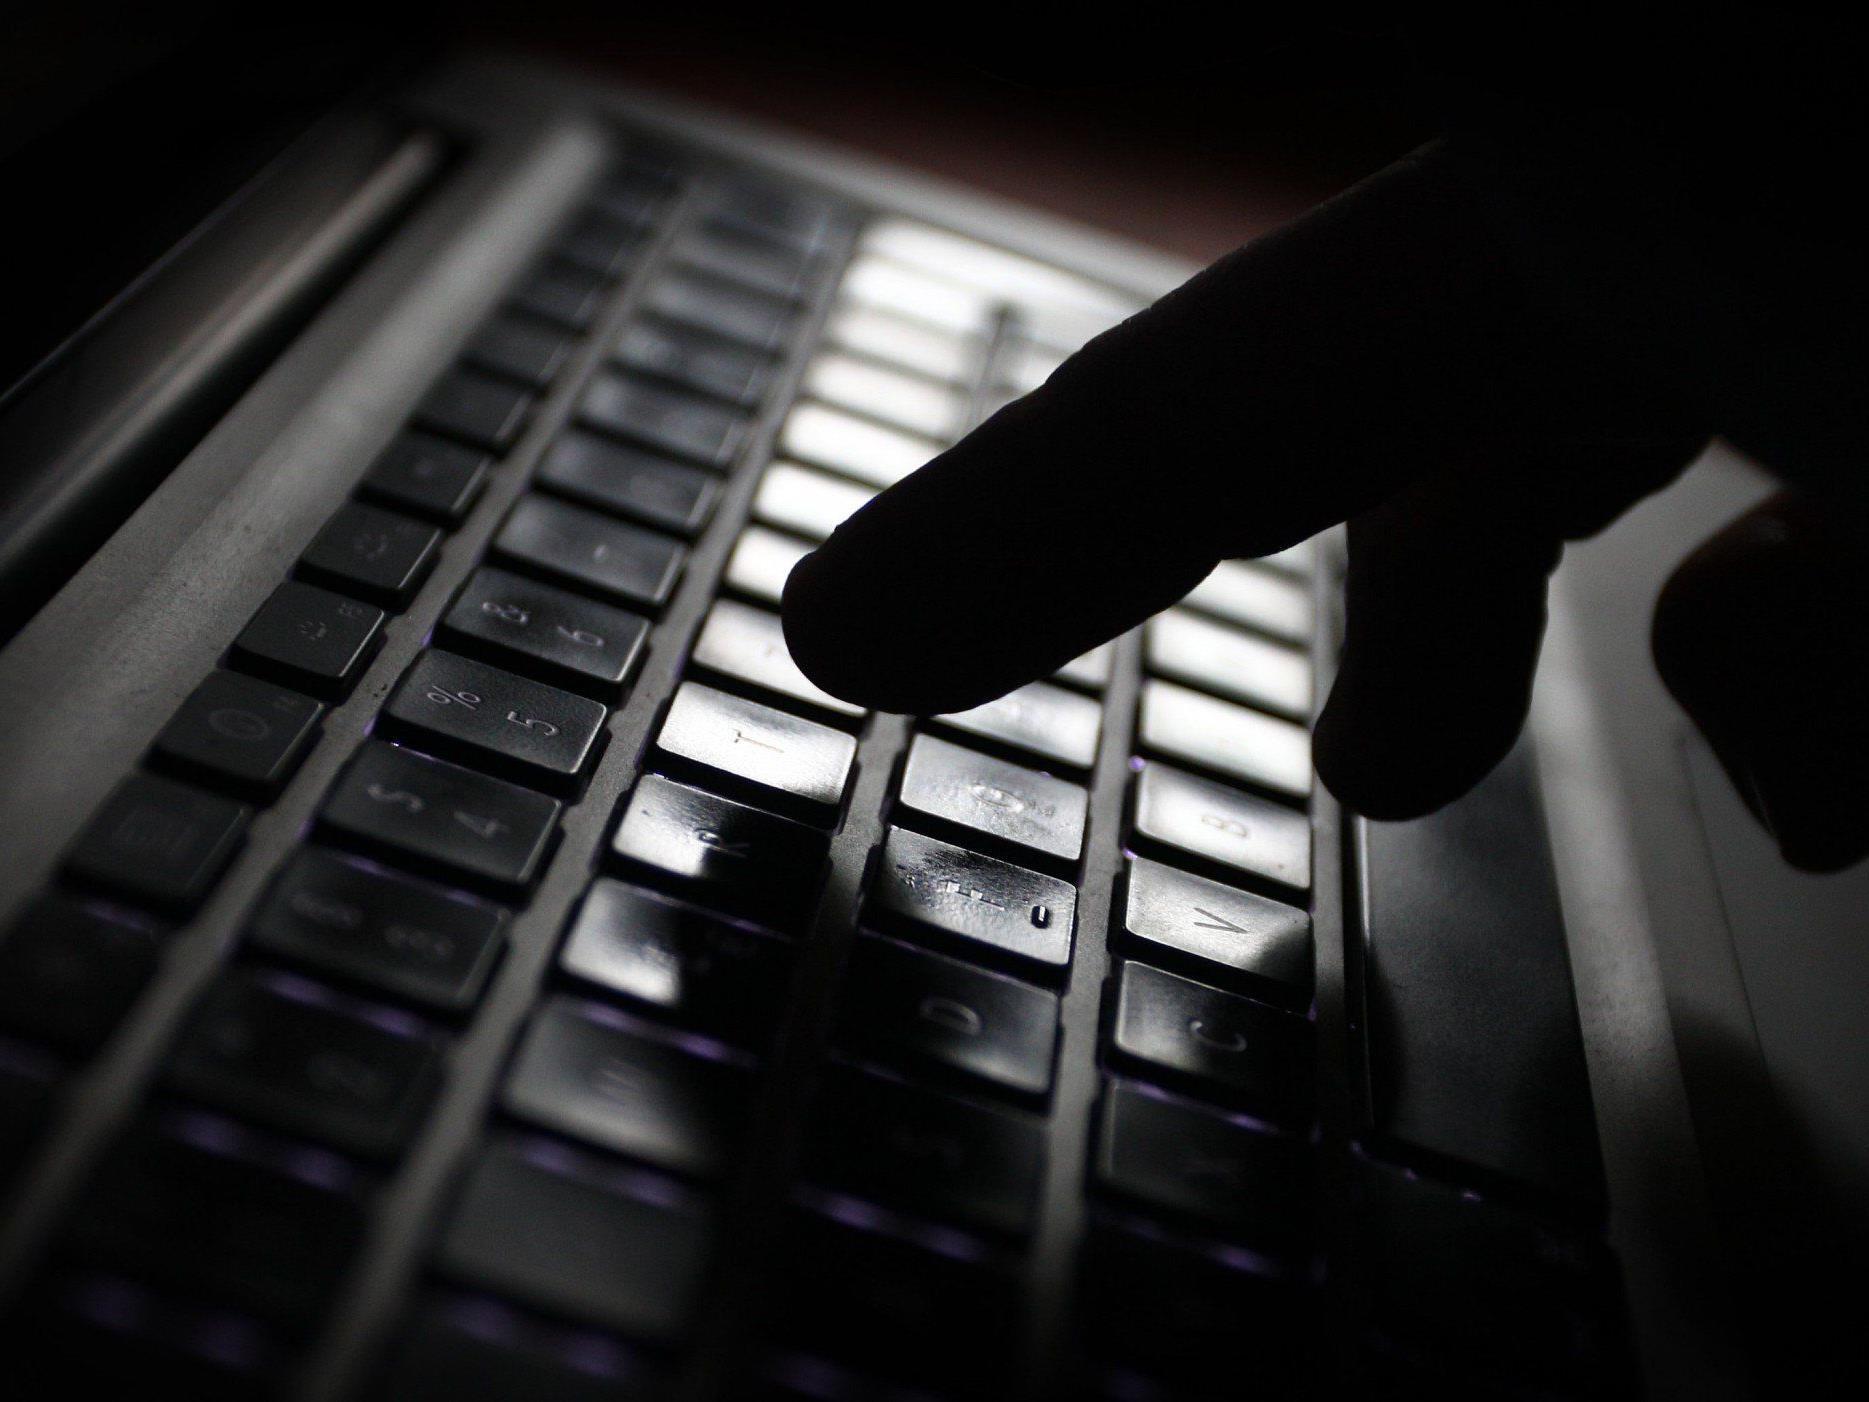 FBI belauschte Internet-Chat.